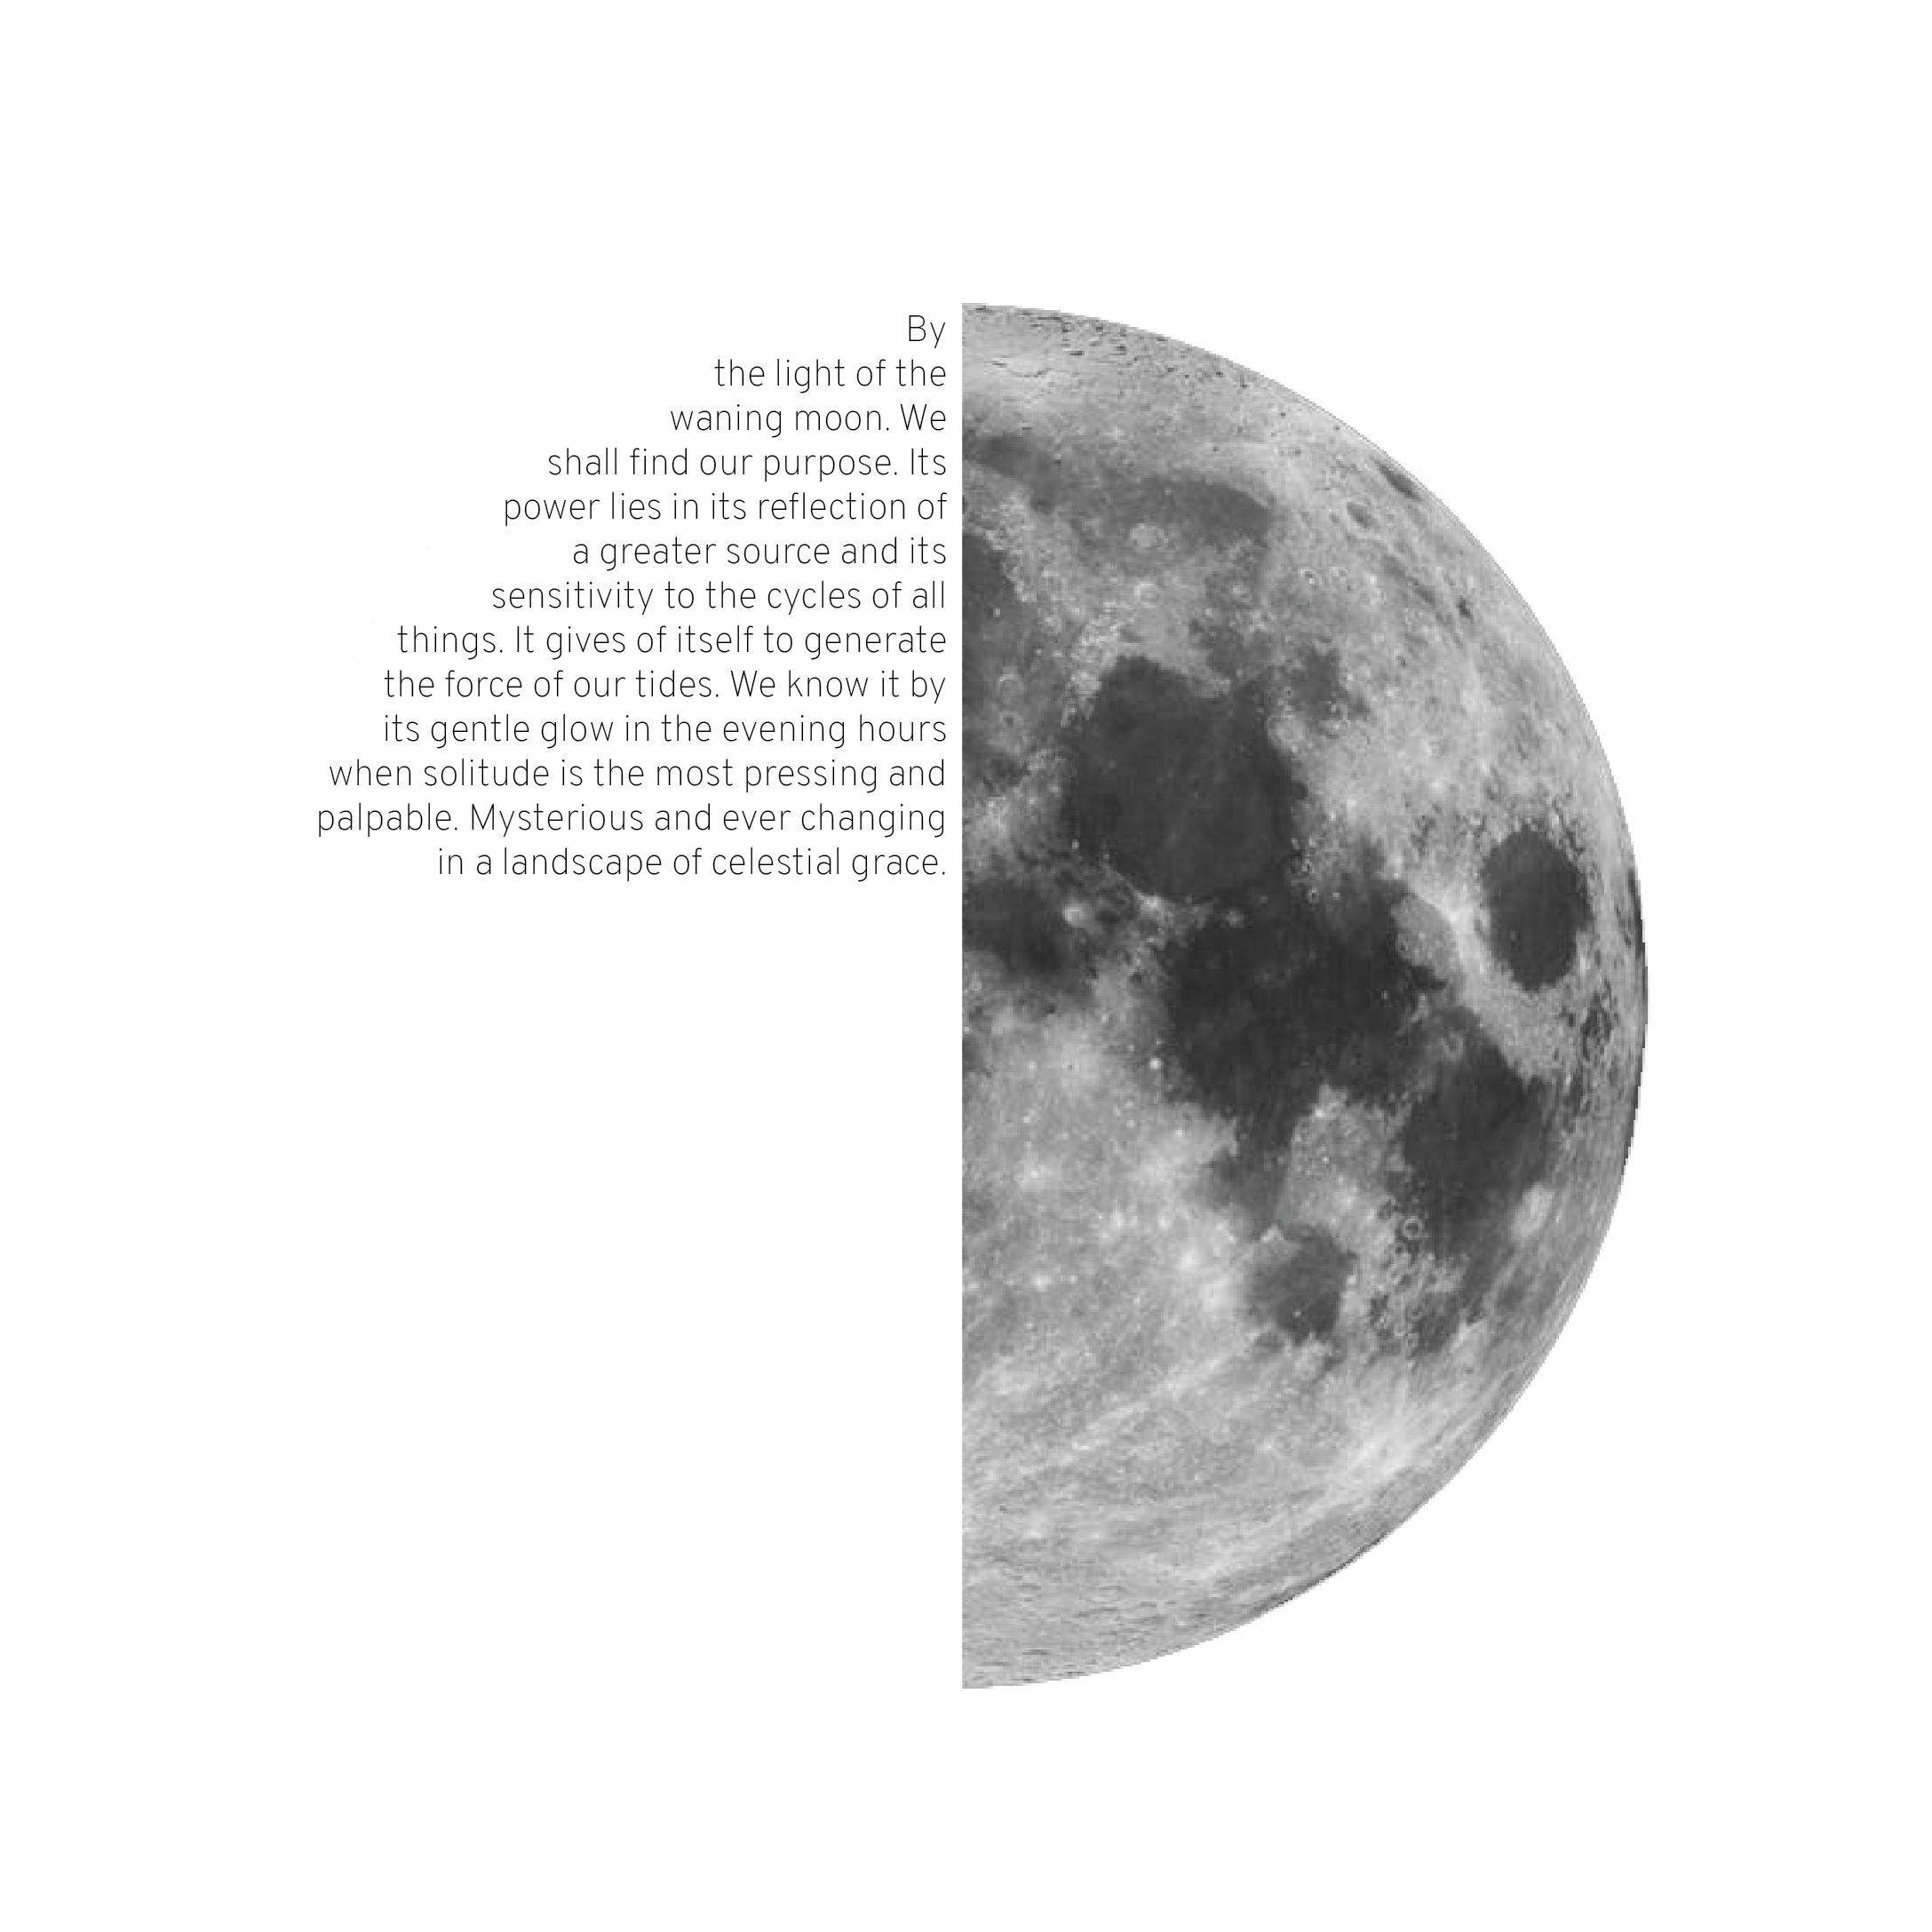 Moon Poem-09.jpg